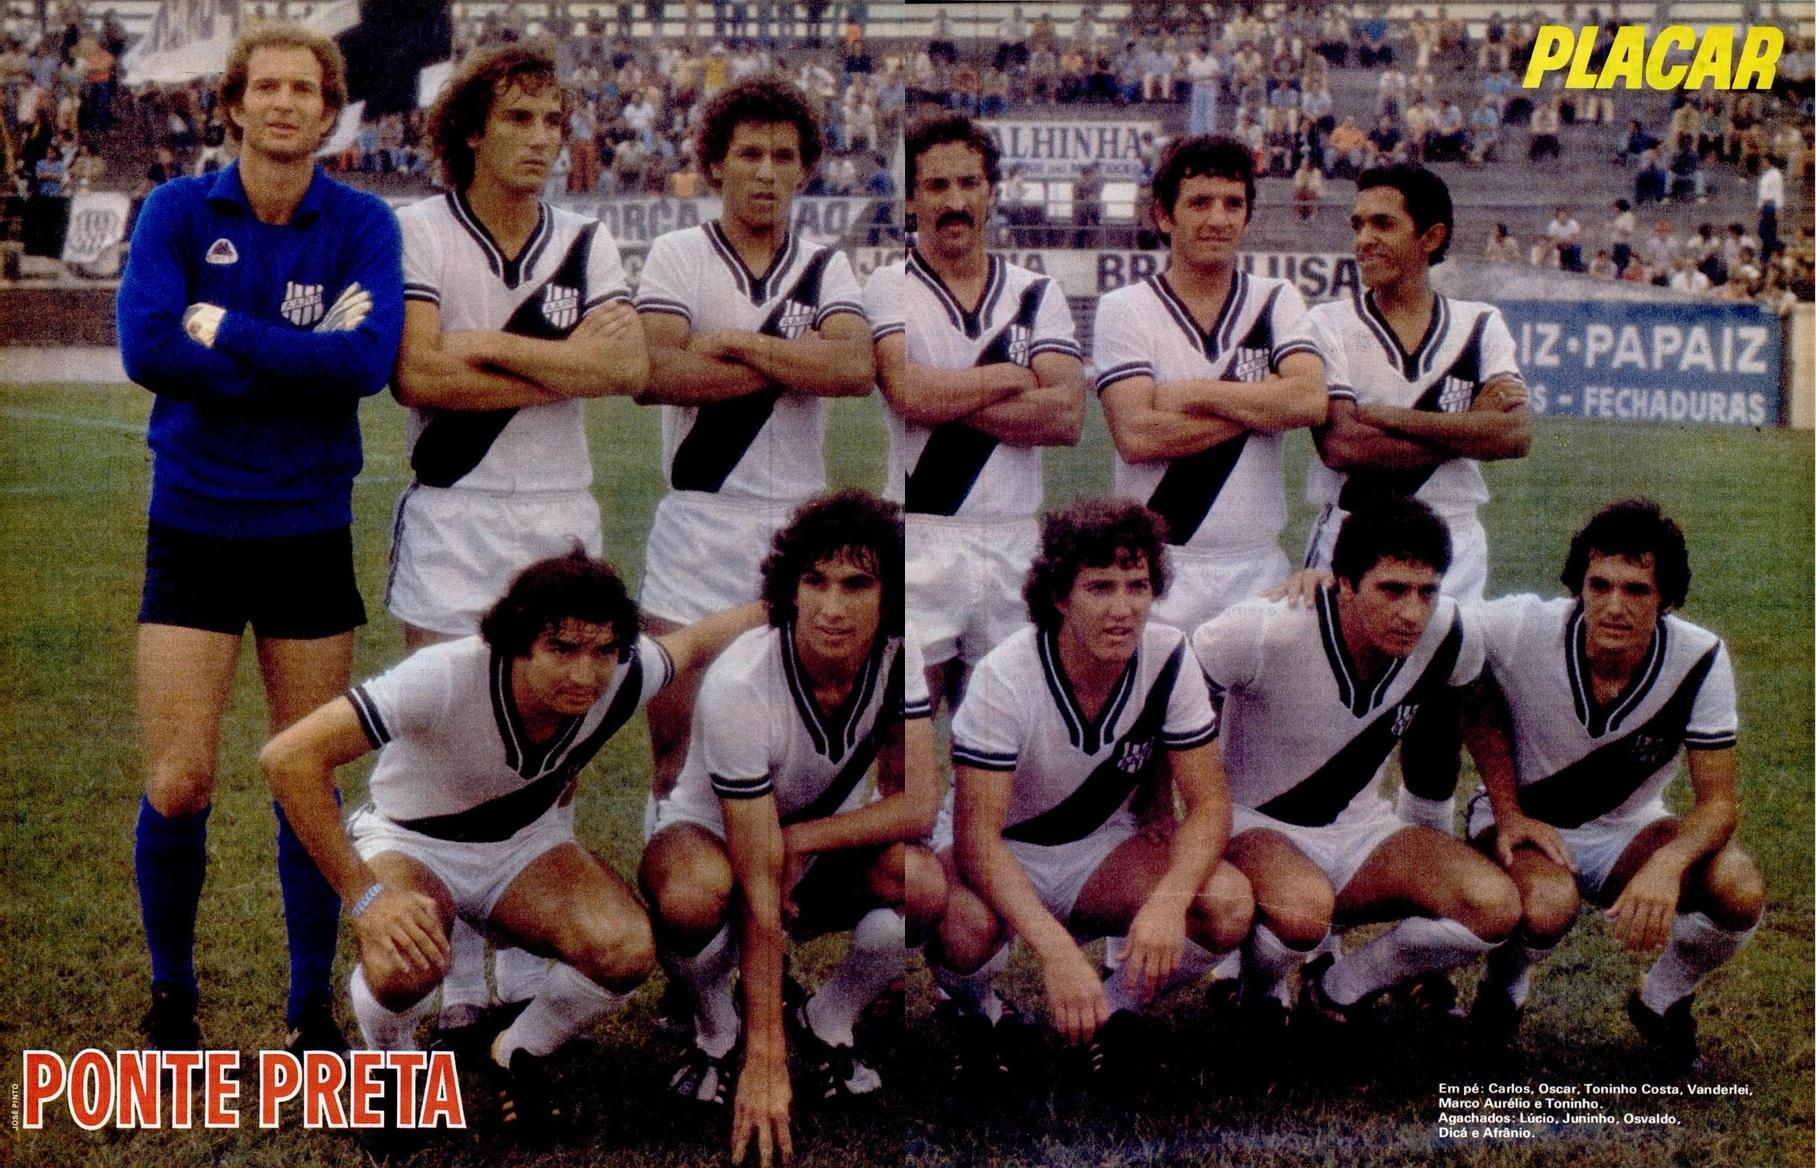 Pôster de 1979: Associação Atlética Ponte Preta – Campinas (SP ...